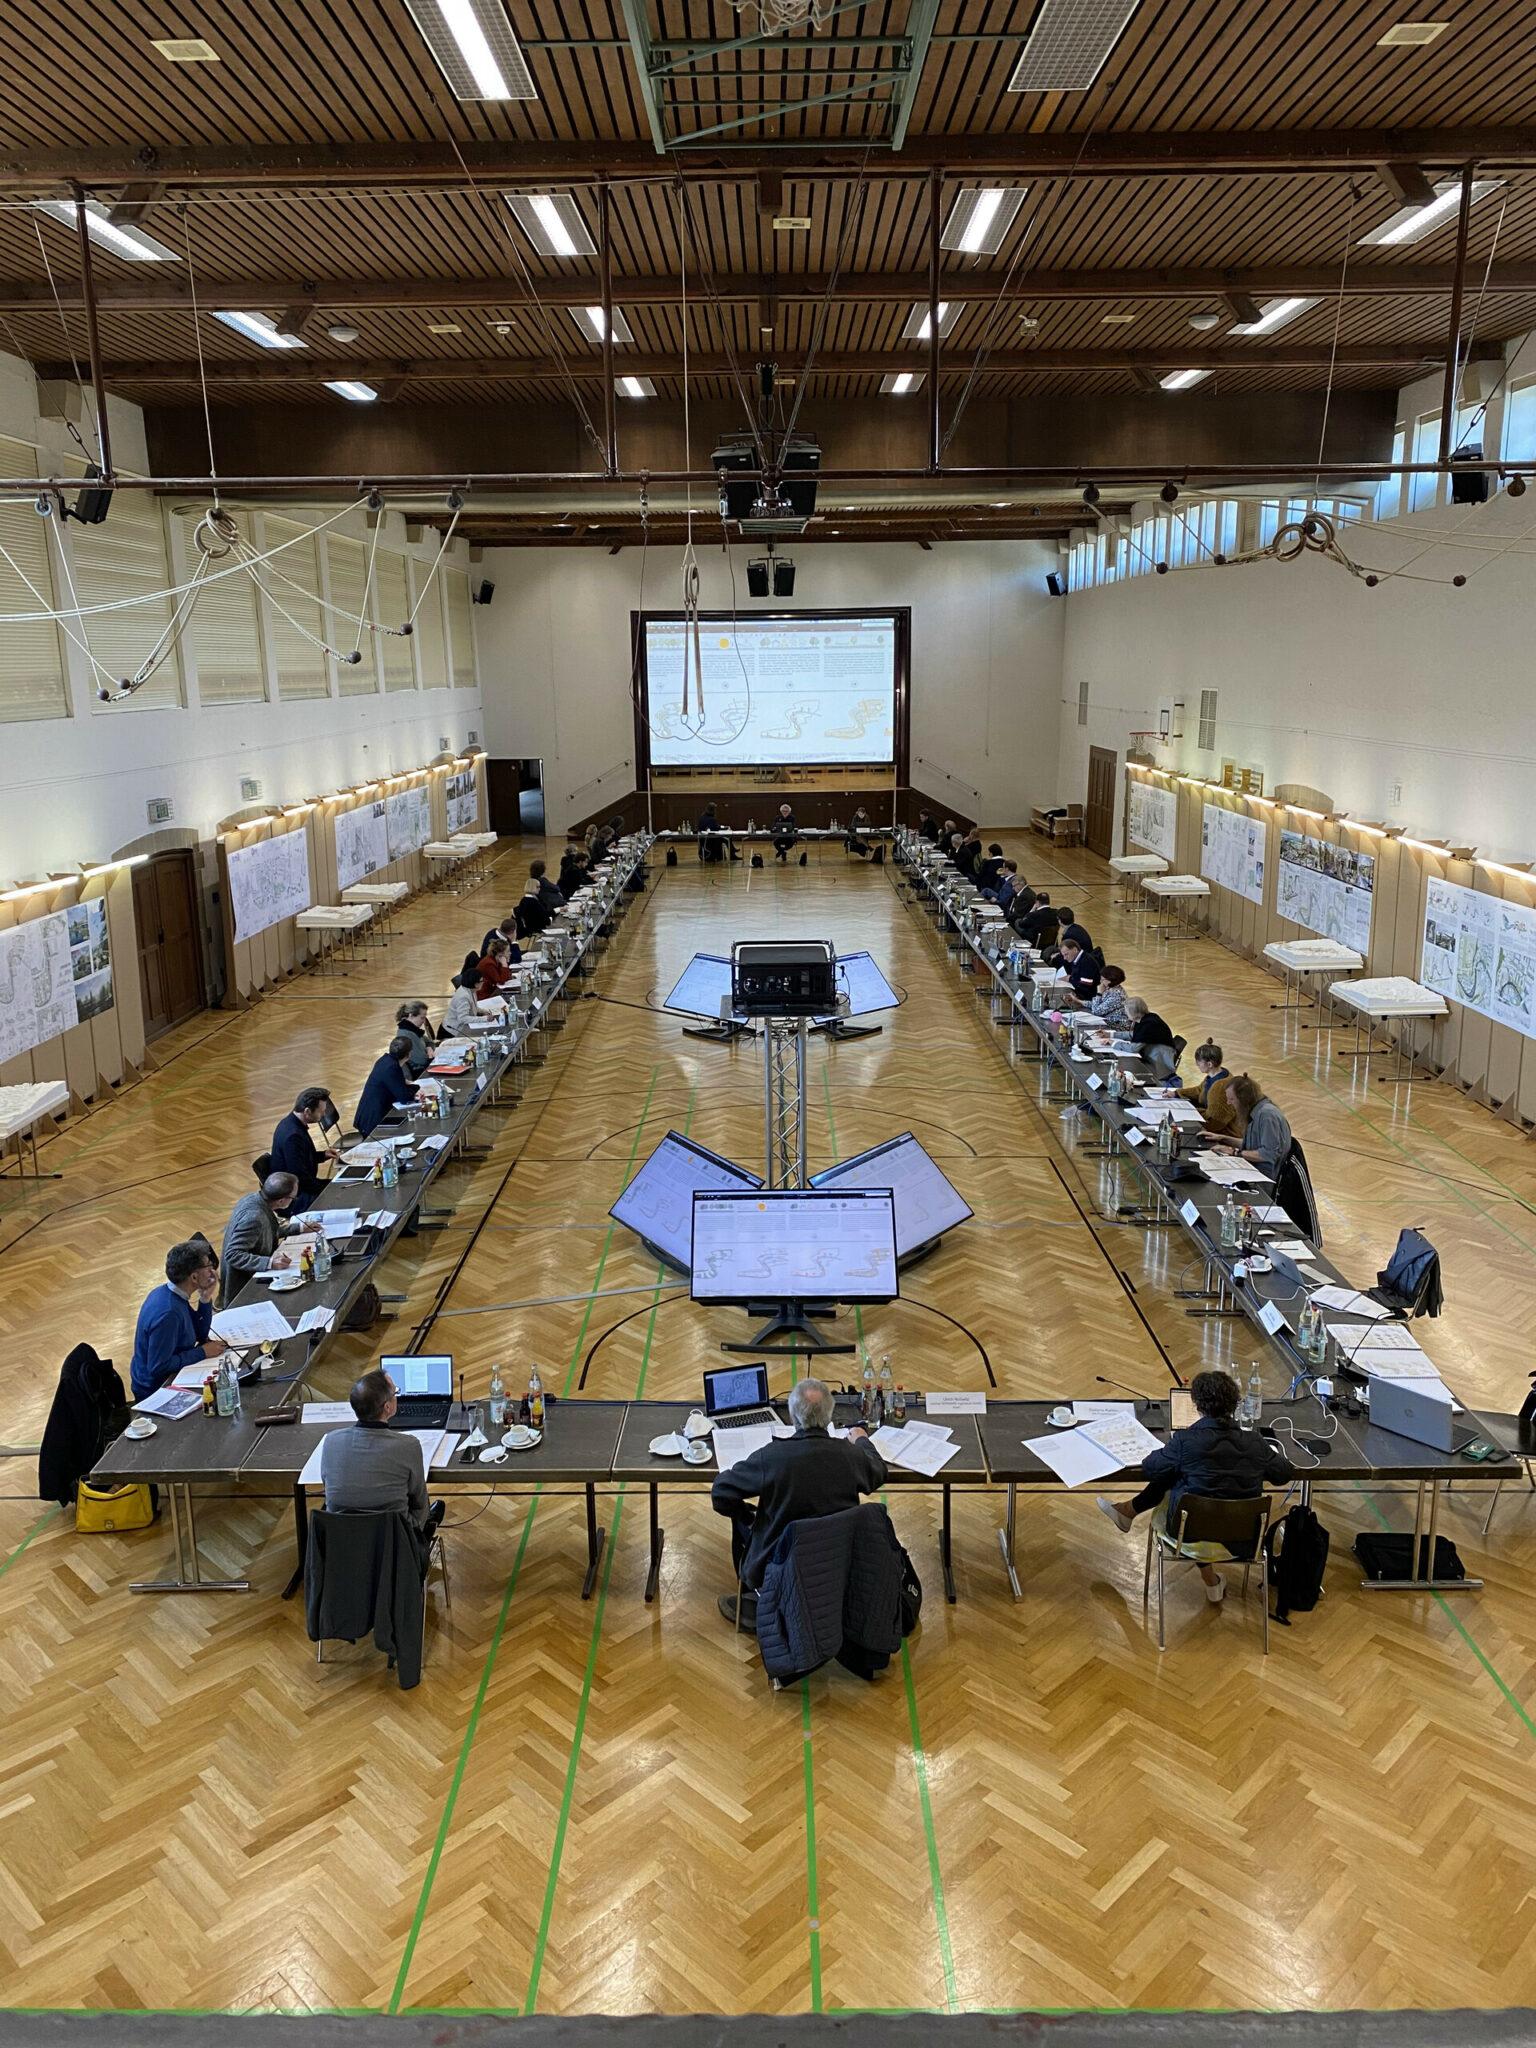 Sitzung des Preisgerichts zum Wettbewerb »Quartier Backnang West« am 28.04.21 (Bild: IBA'27 / Raquel Jaureguízar)